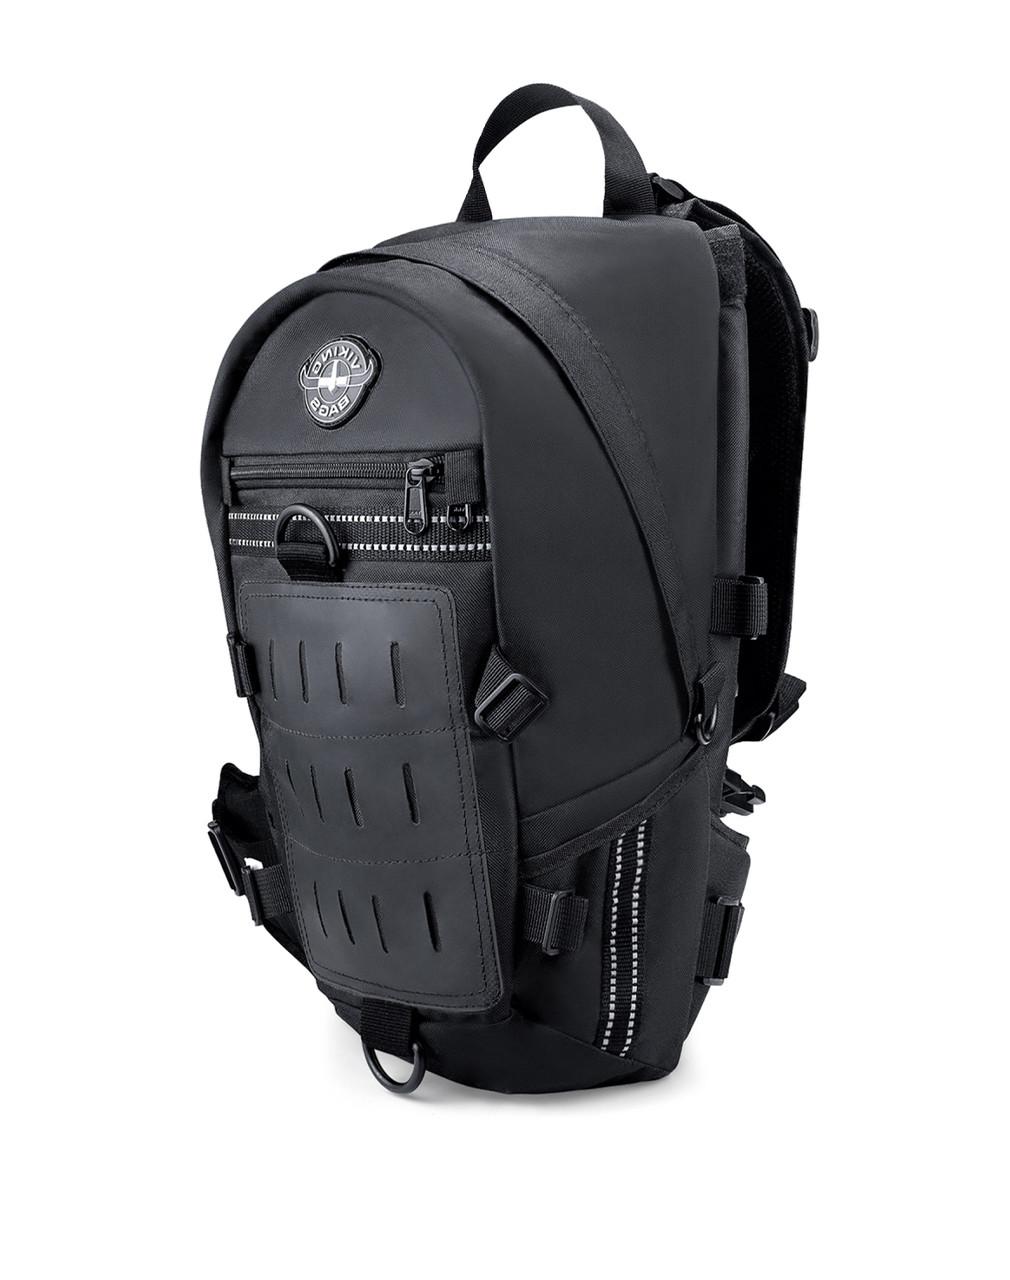 VikingBags Dirtman Medium Black Honda Motorcycle Backpack Main Bag View